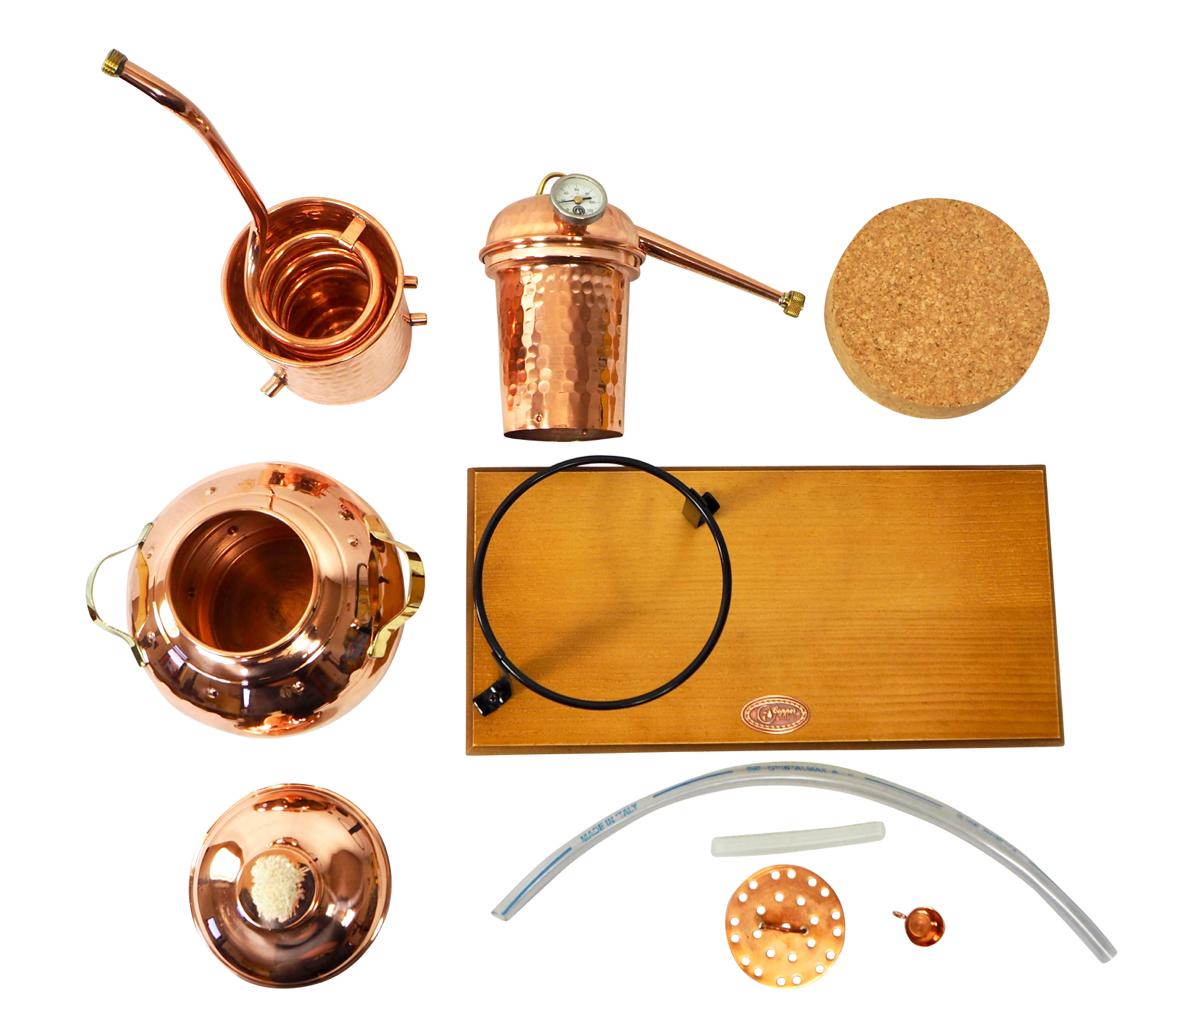 Ersatzteil: Dichtung für die ARABIA Destille - 2 Liter - CopperGarden®